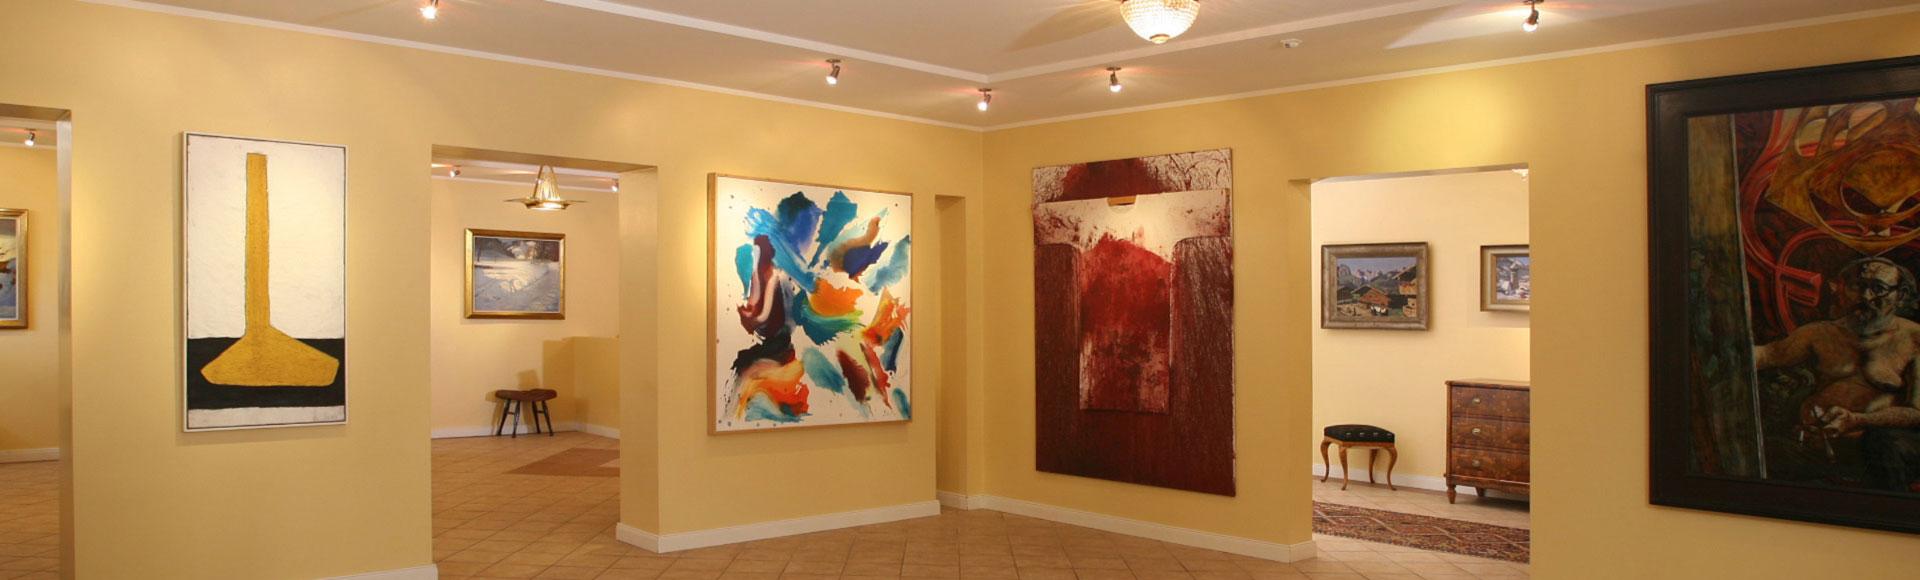 Kunsthandel-Freller-Gallerie_Web